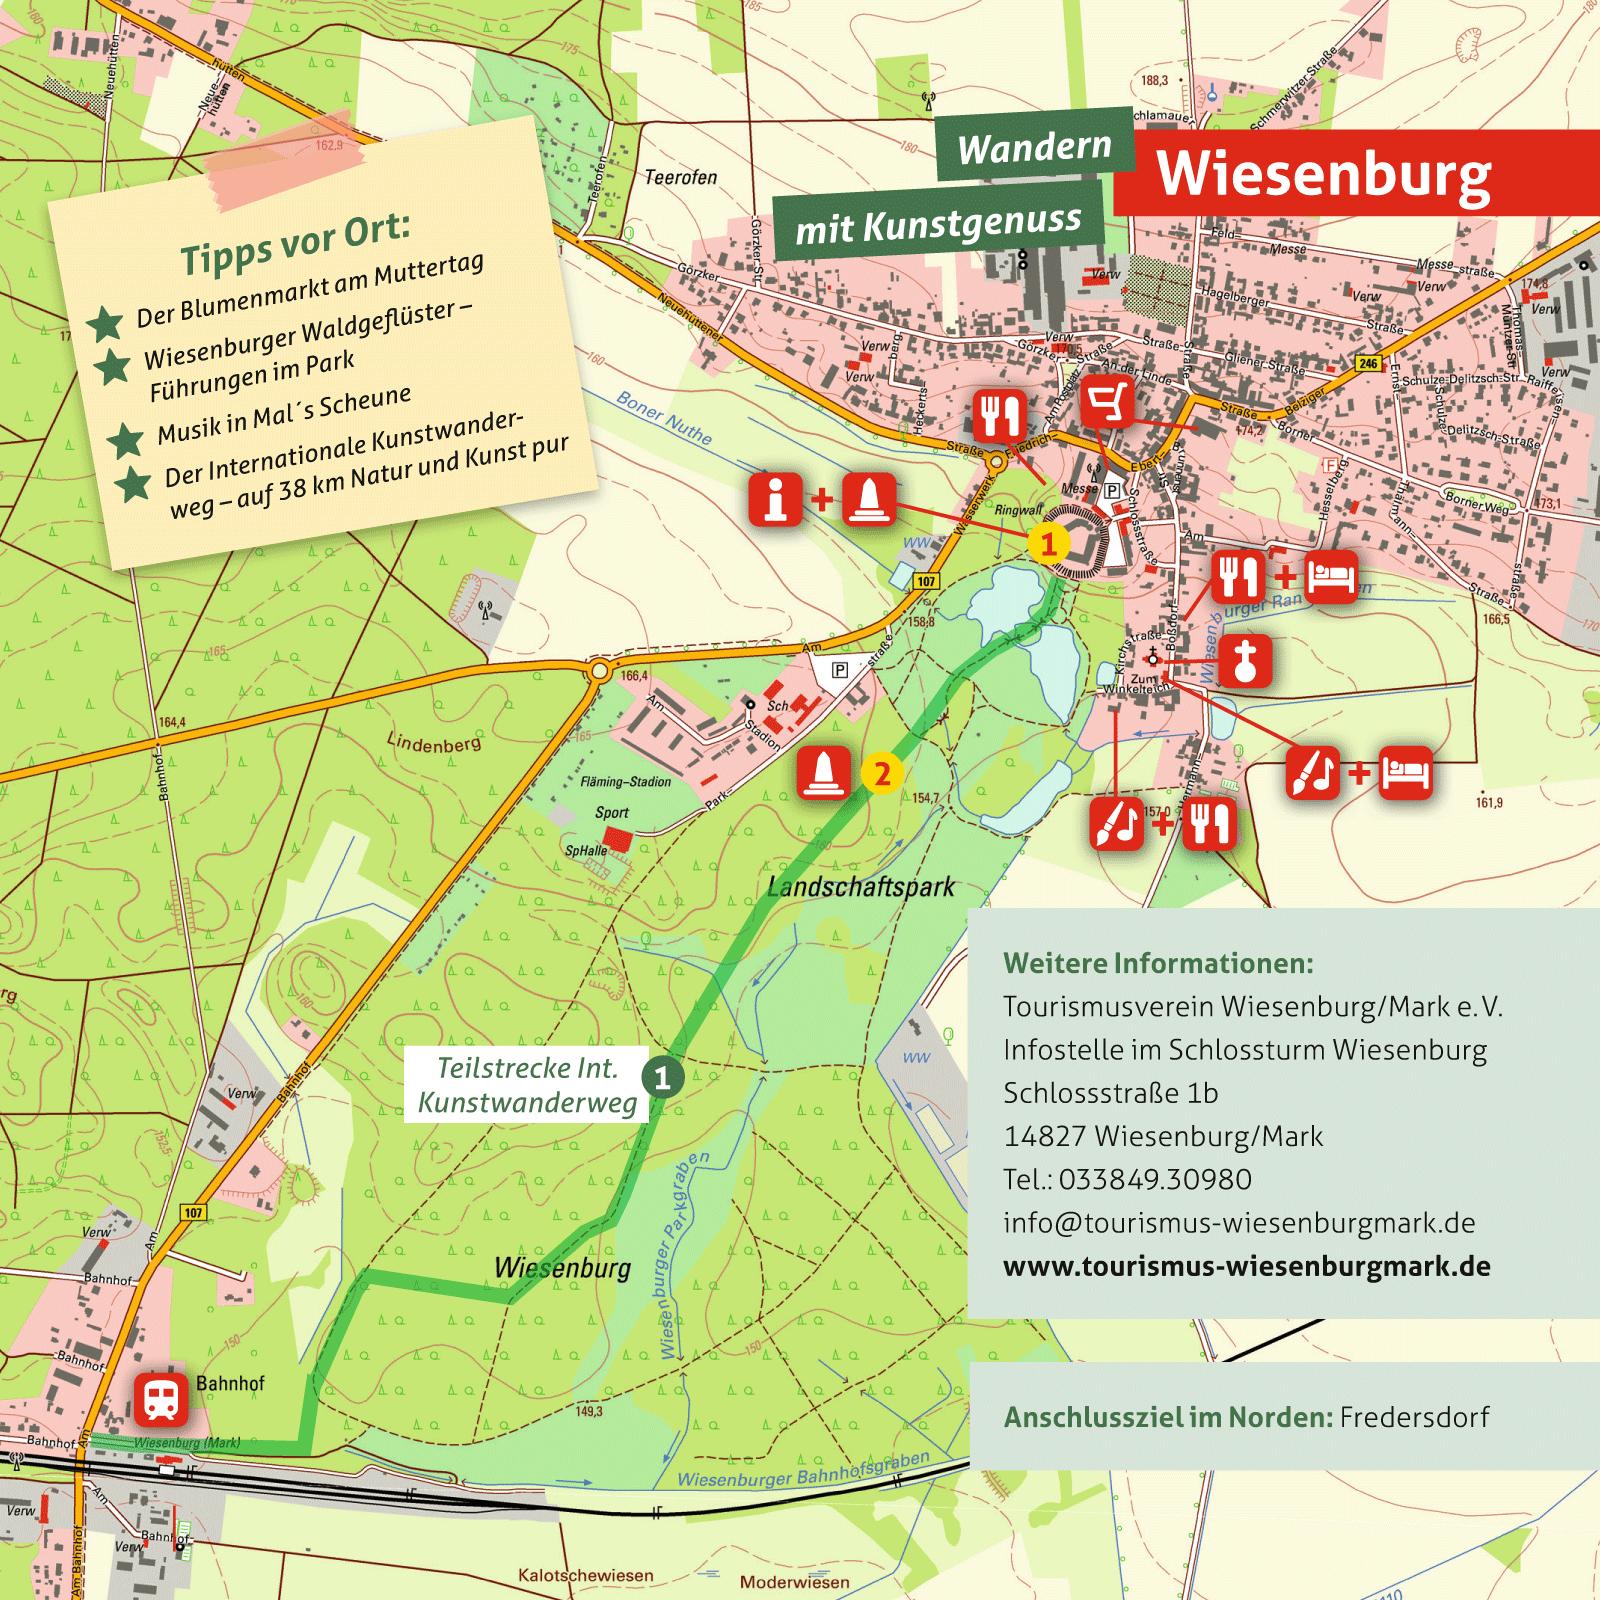 Ausflugskarte für Wiesenburg